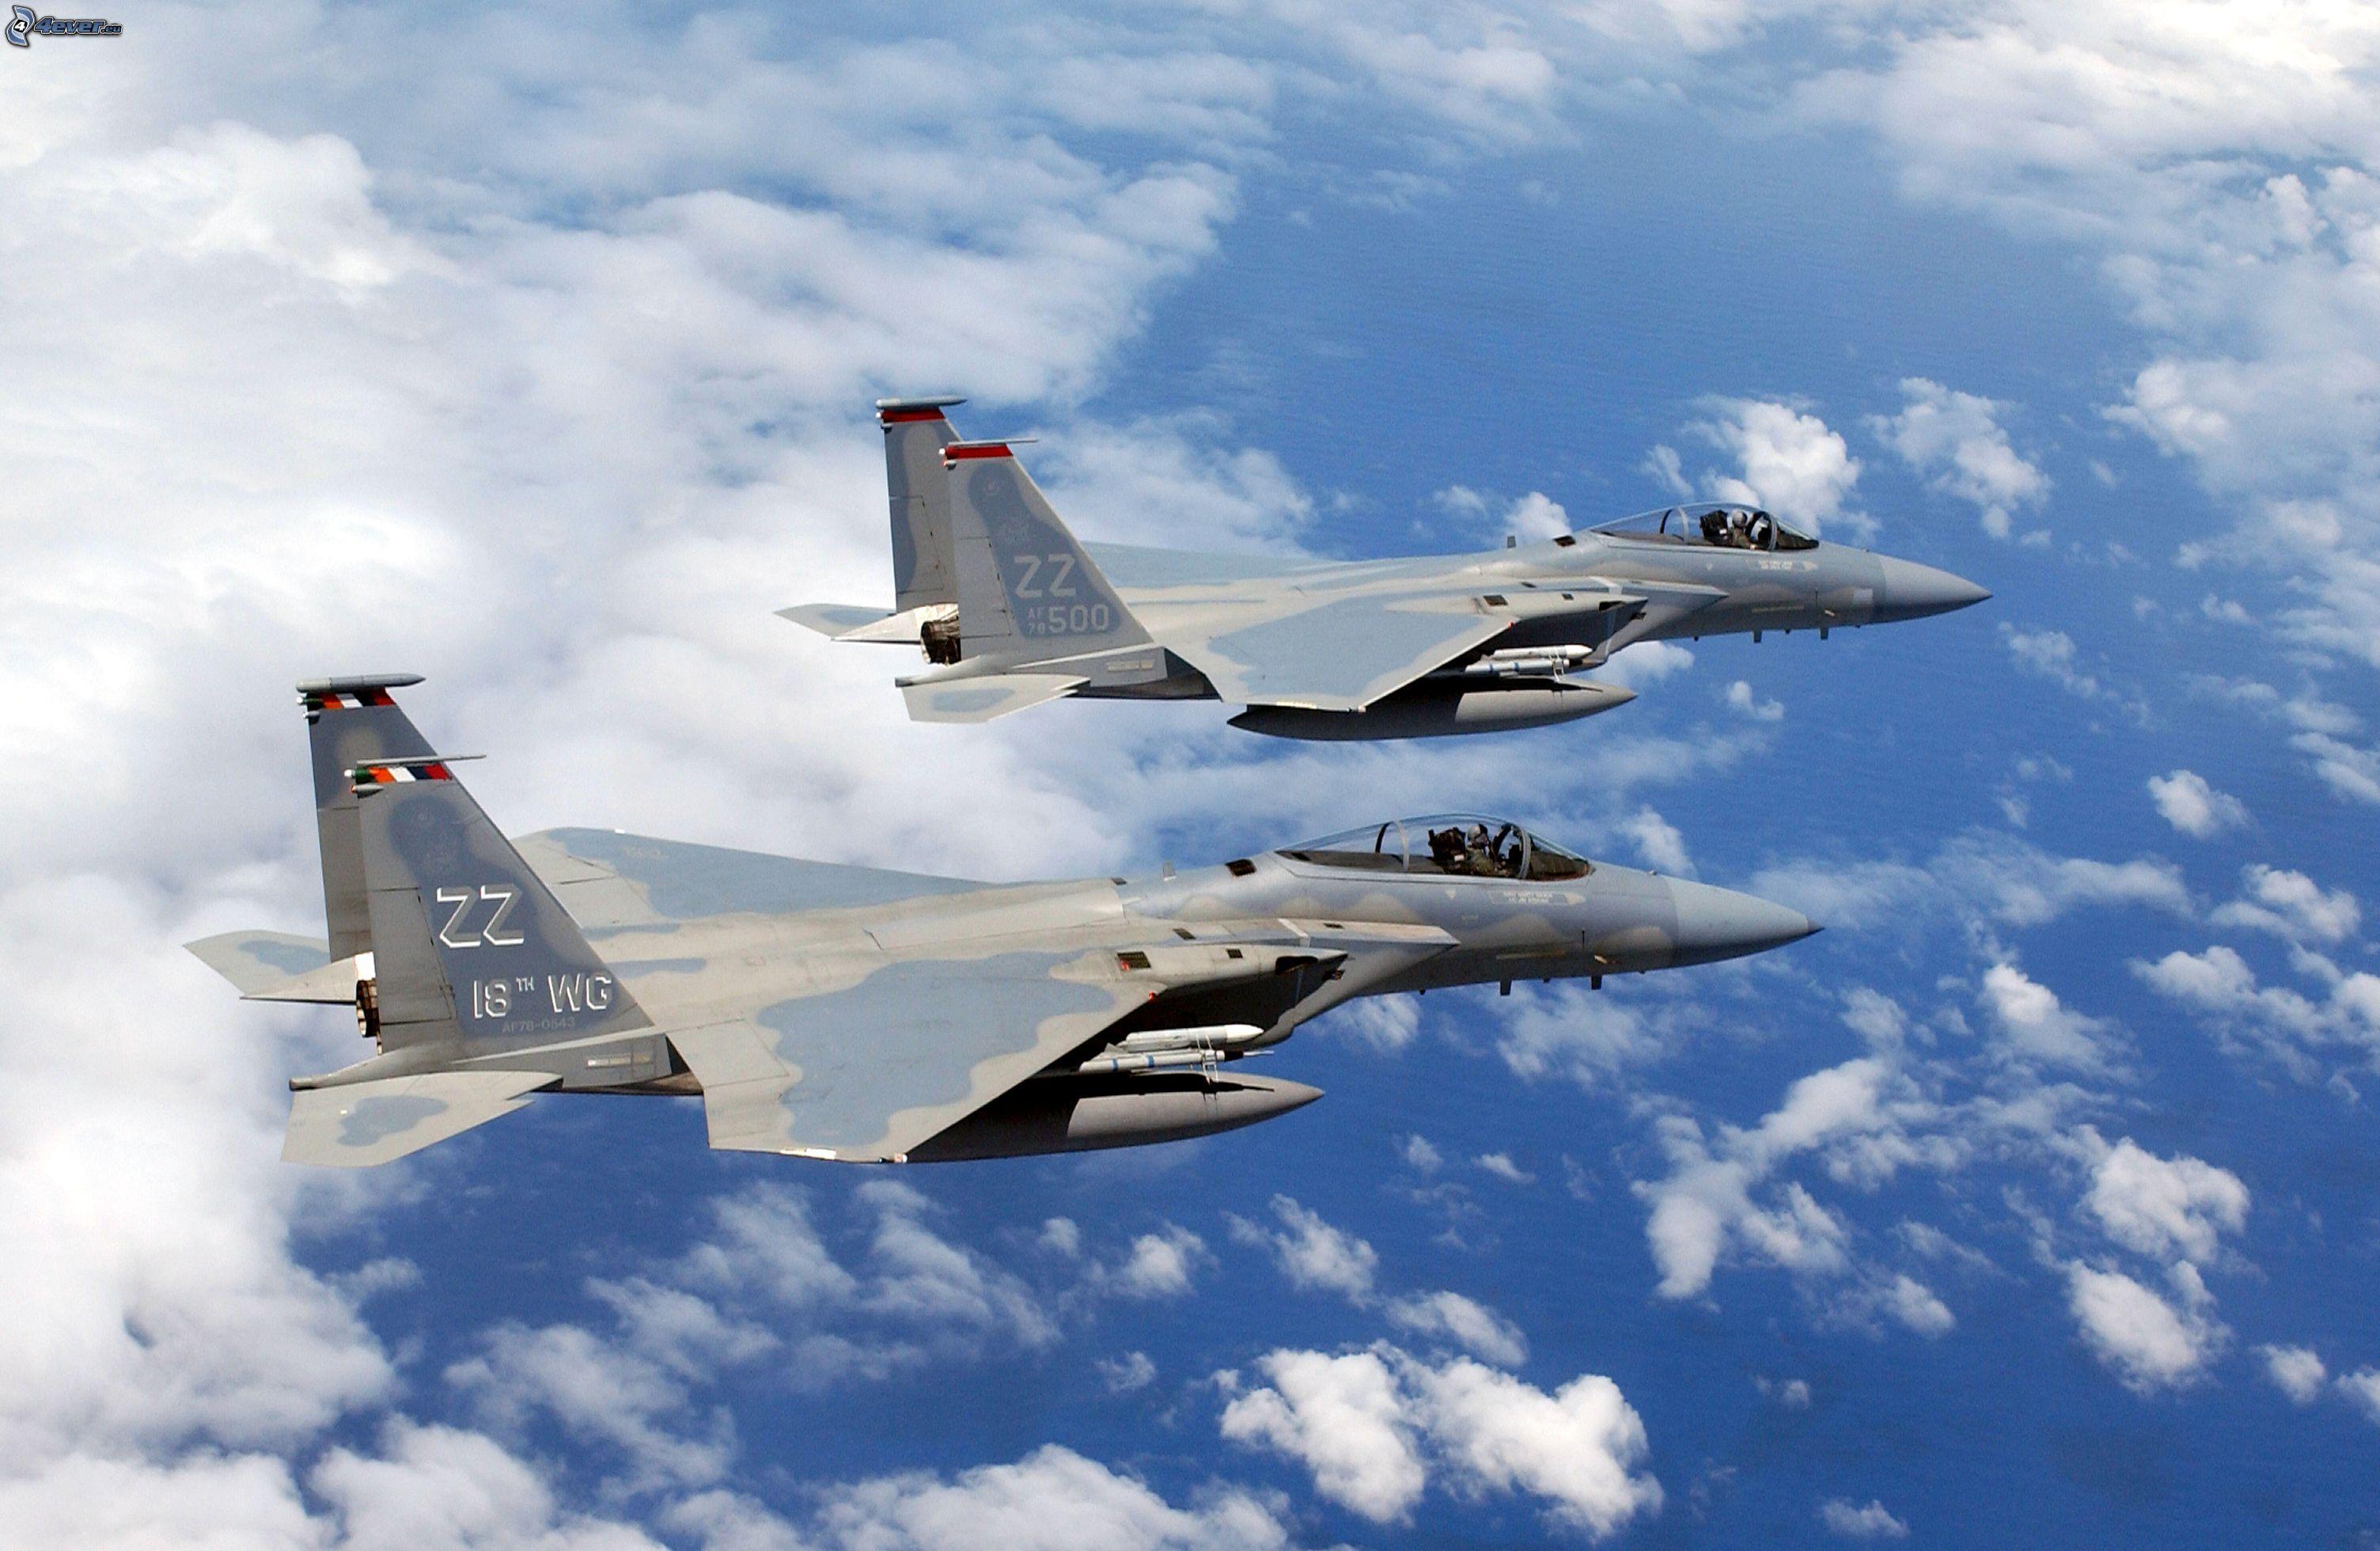 Aerei Da Caccia A Reazione : Squadron f eagle